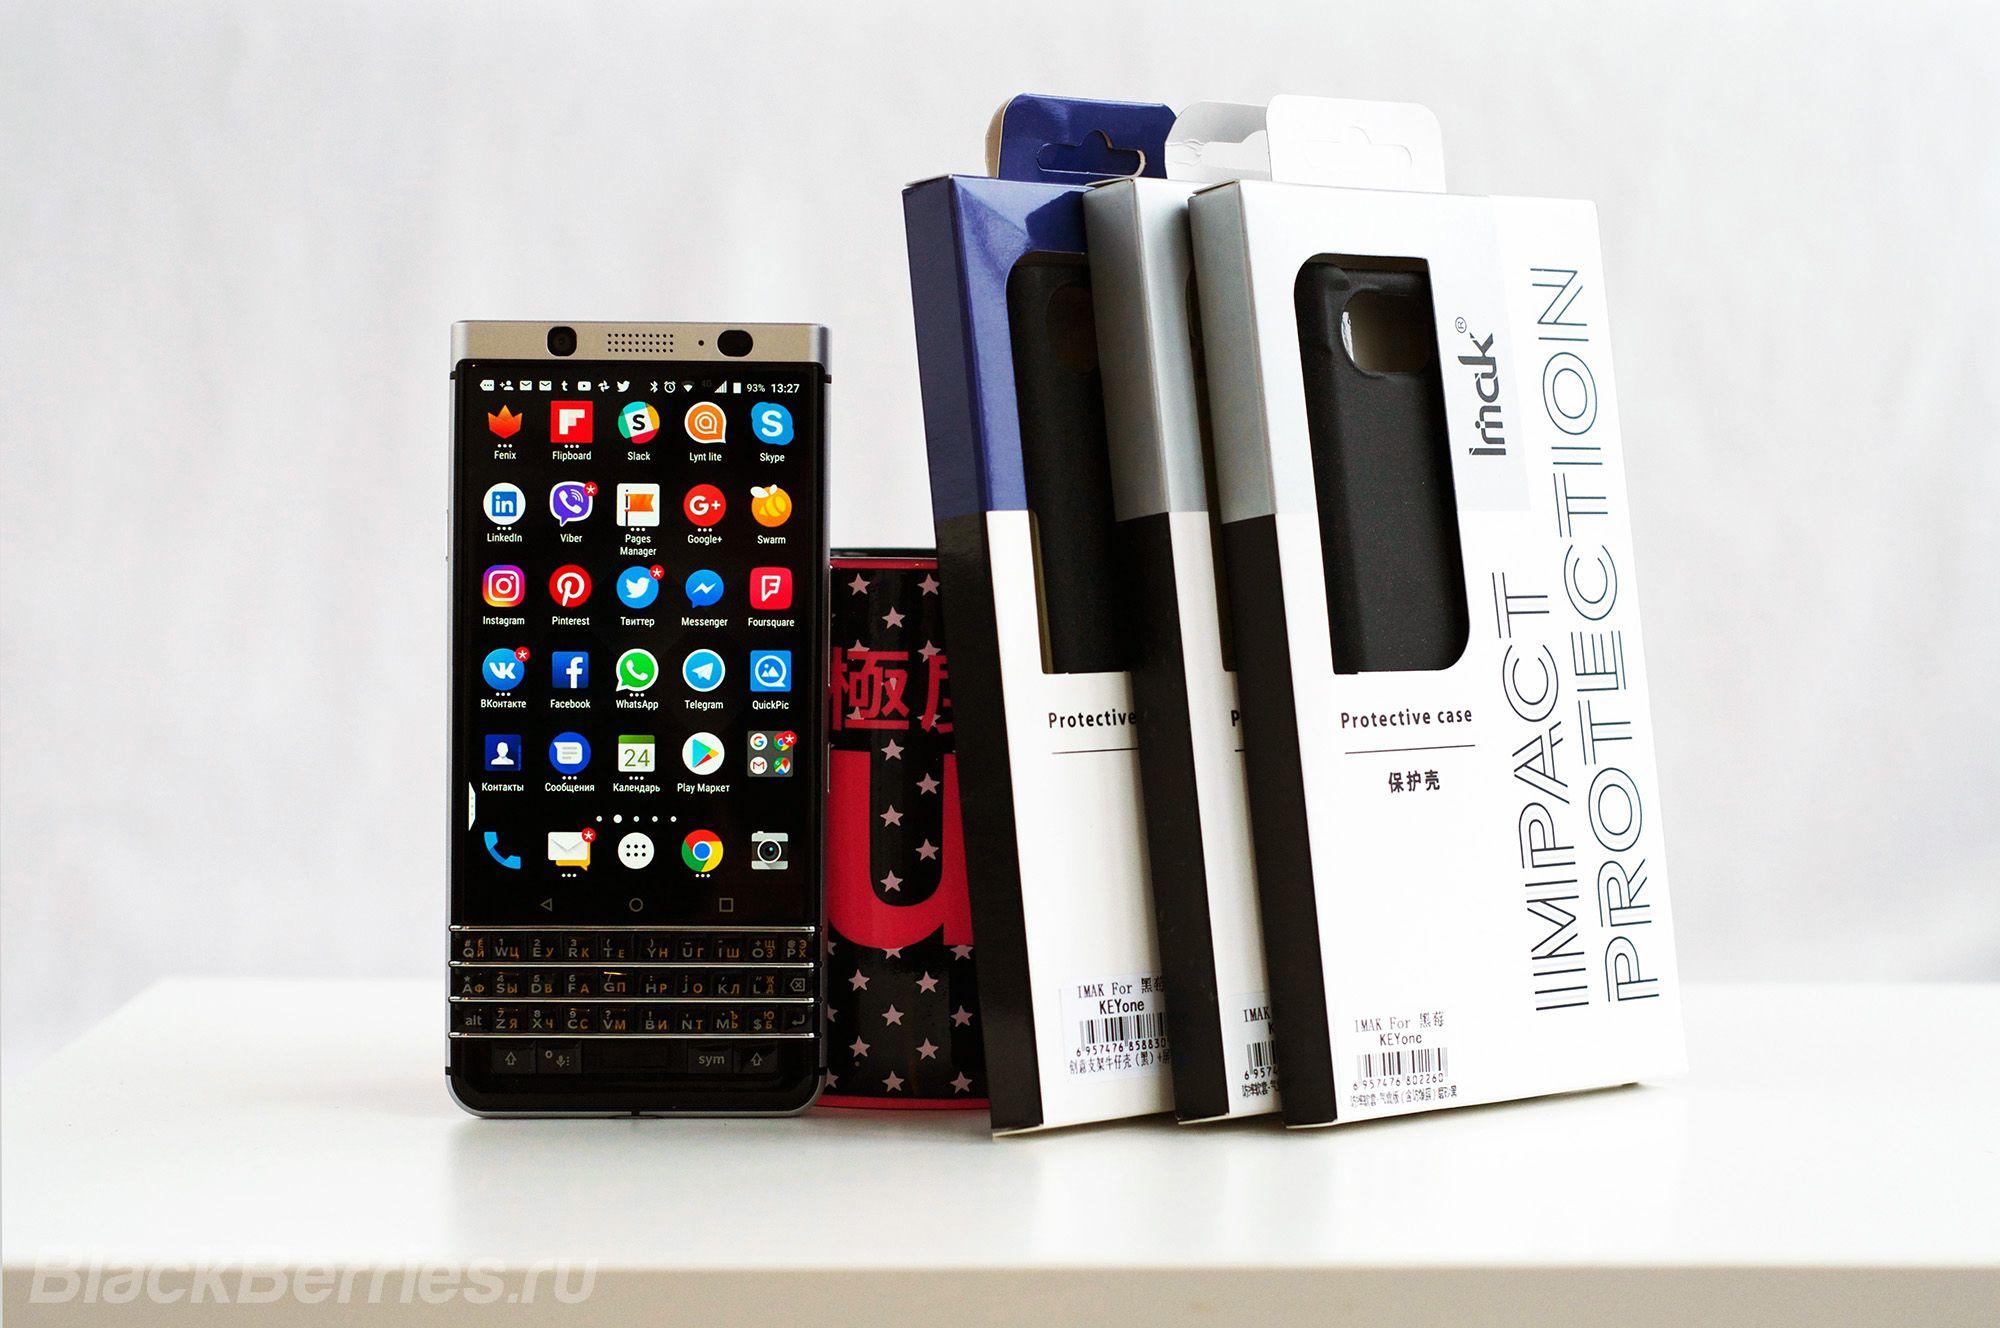 teamviewer para blackberry torch 9810